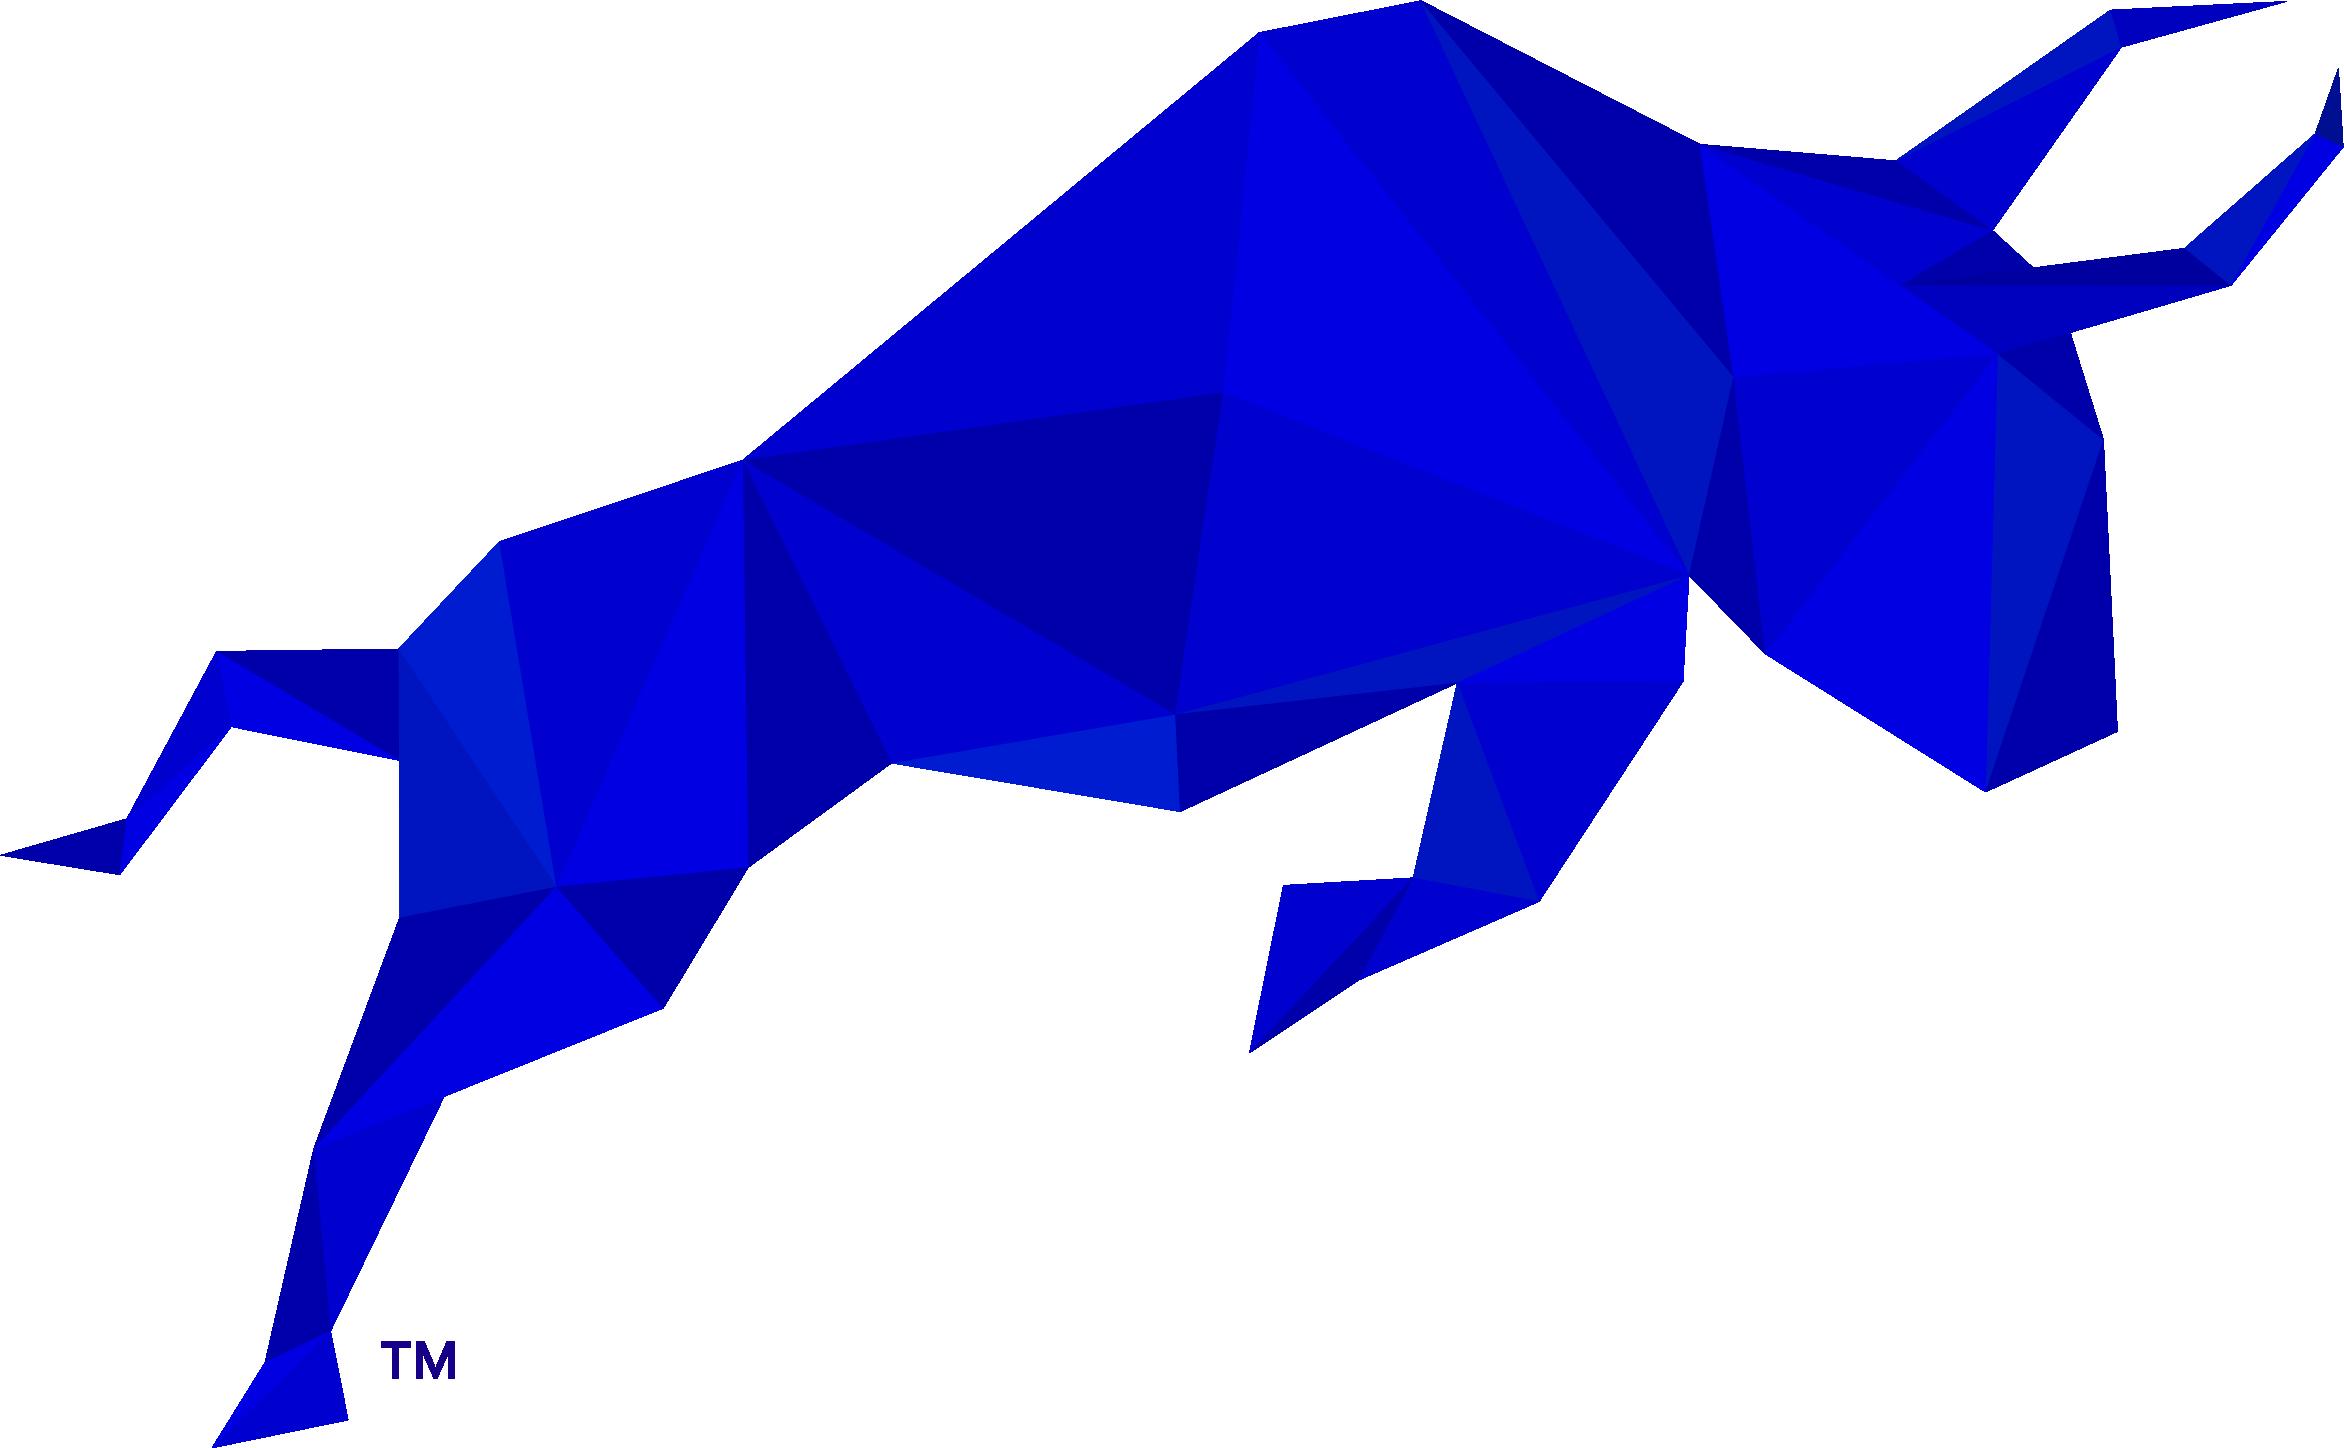 Polymath Blue Taurus Logo